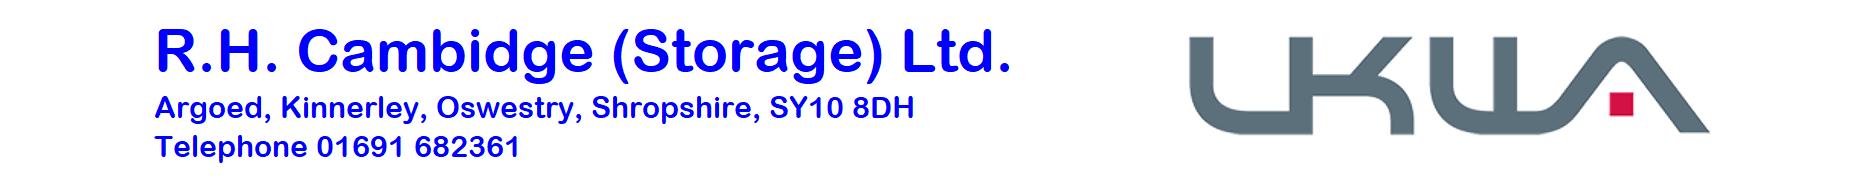 R.H.CAMBIDGE (Storage) LTD